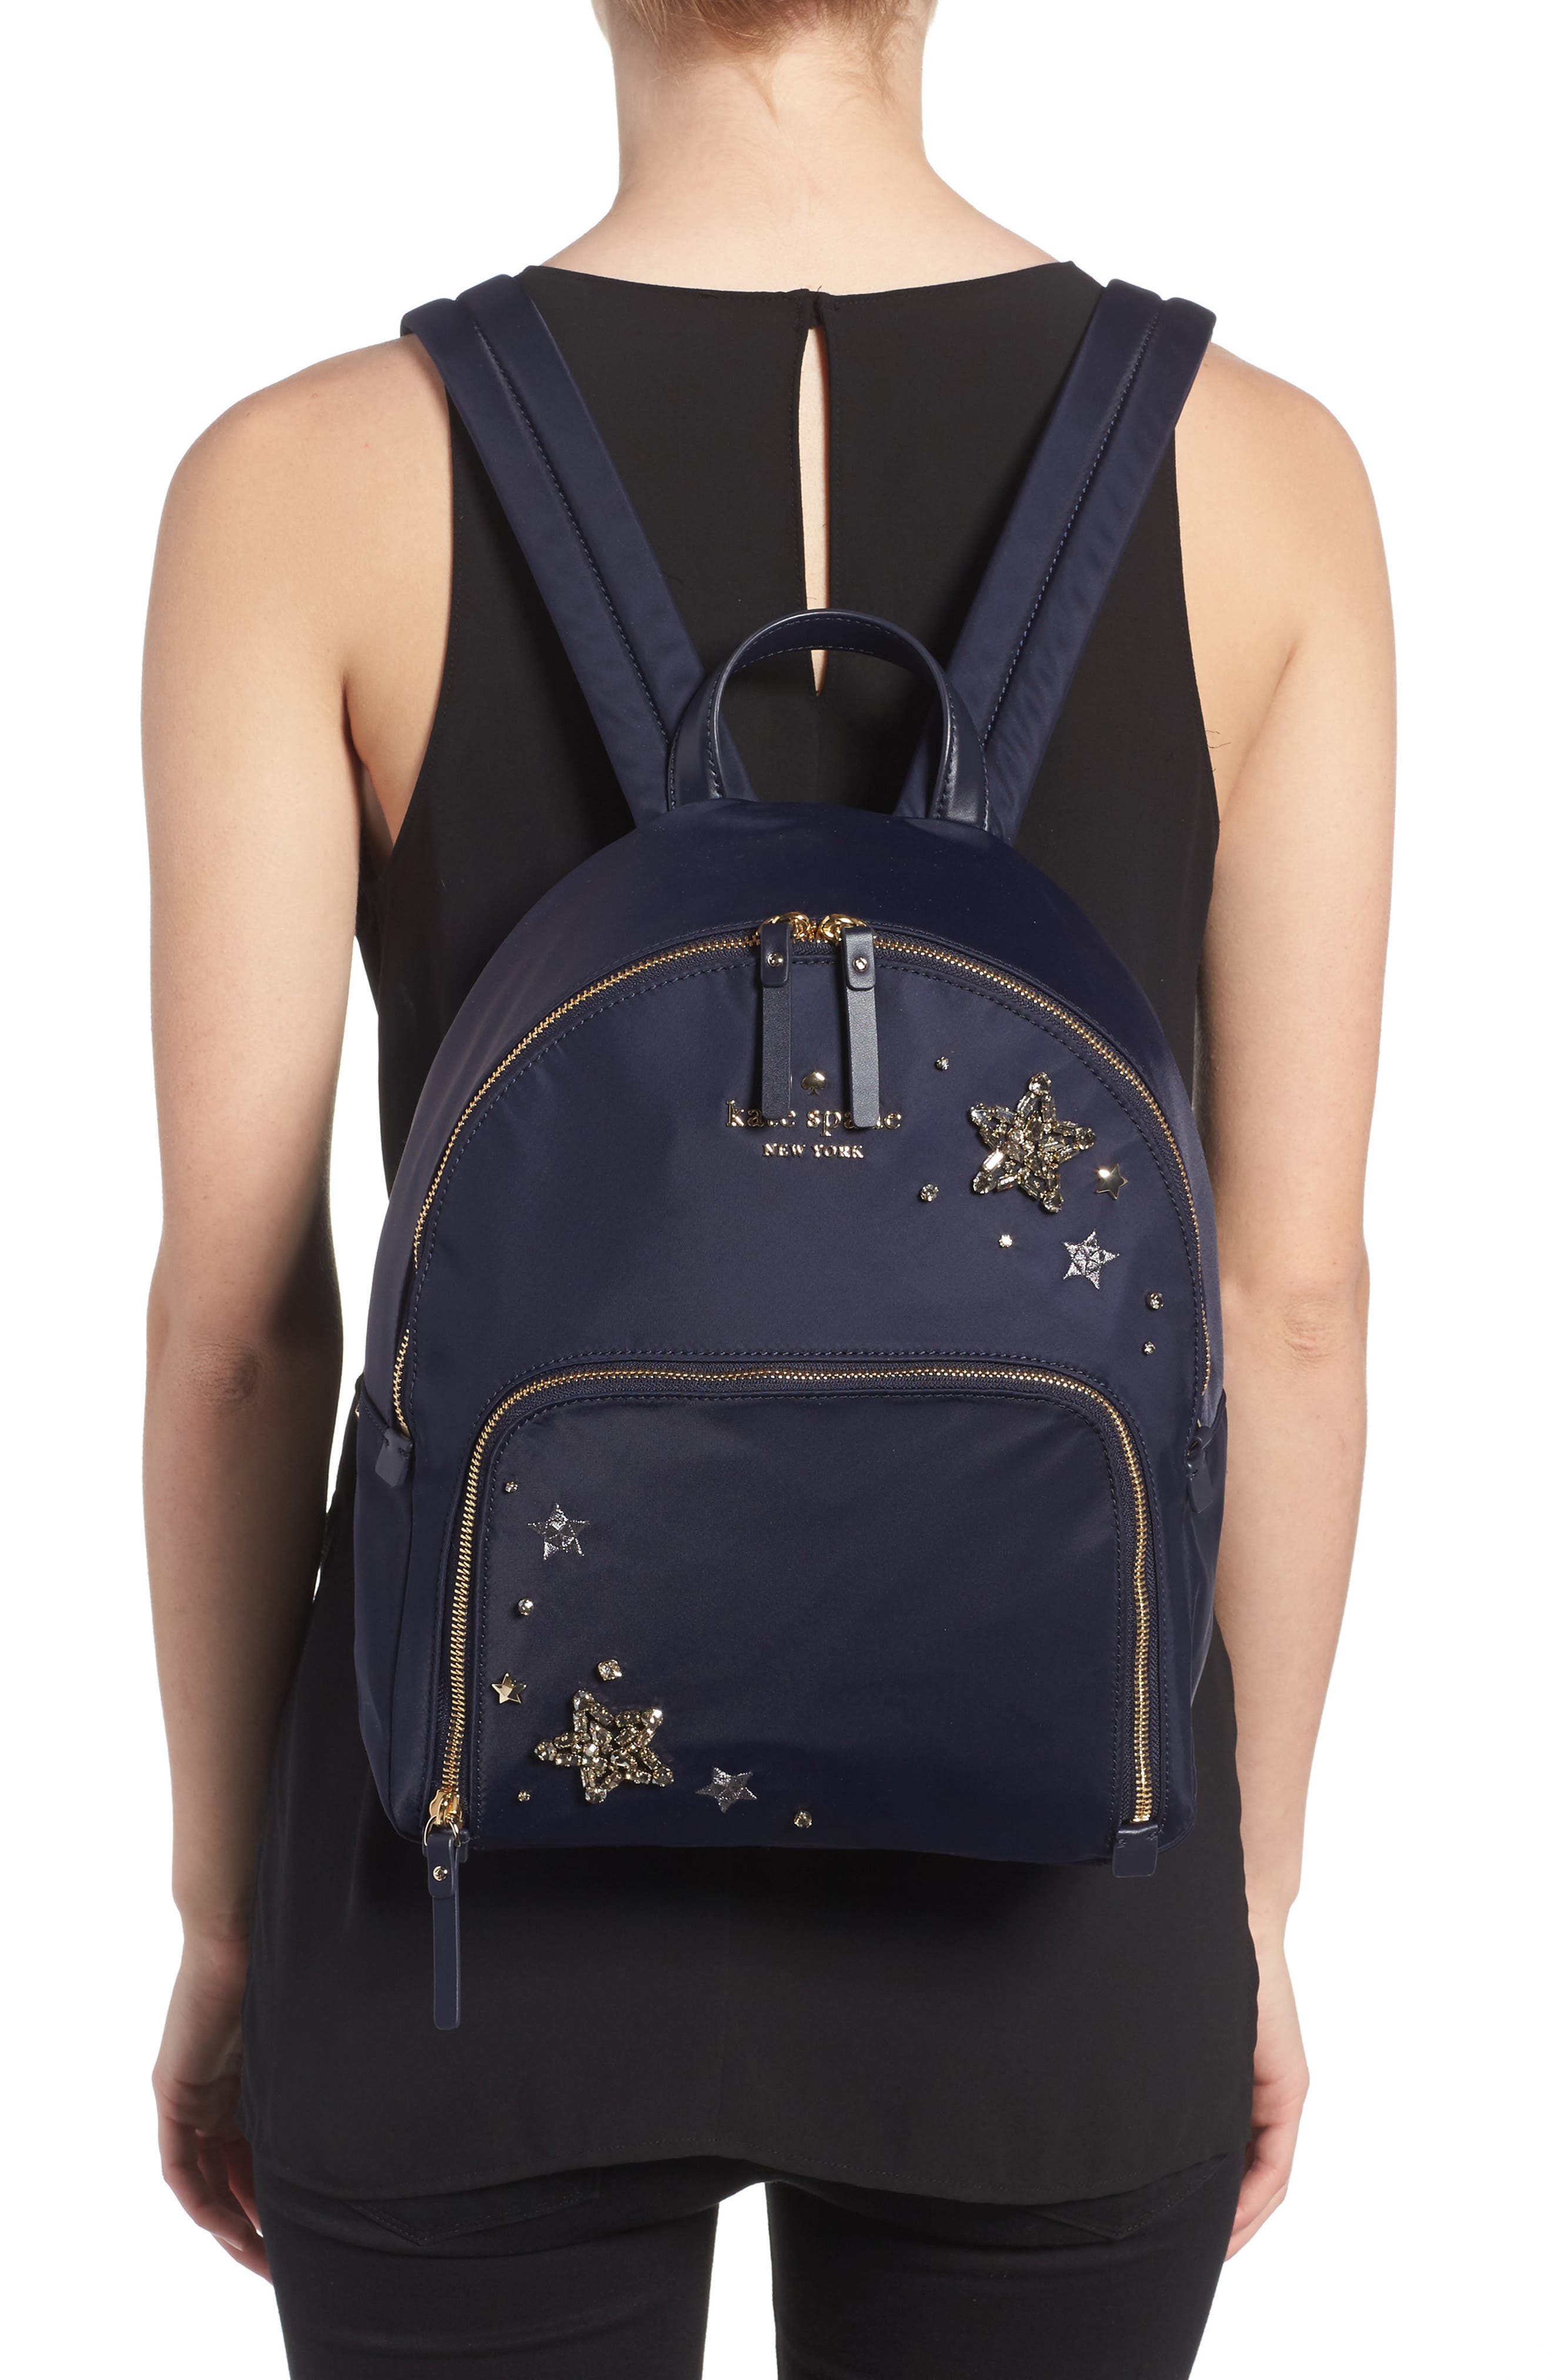 watson lane - hartley embellished nylon backpack,                             Alternate thumbnail 2, color,                             400